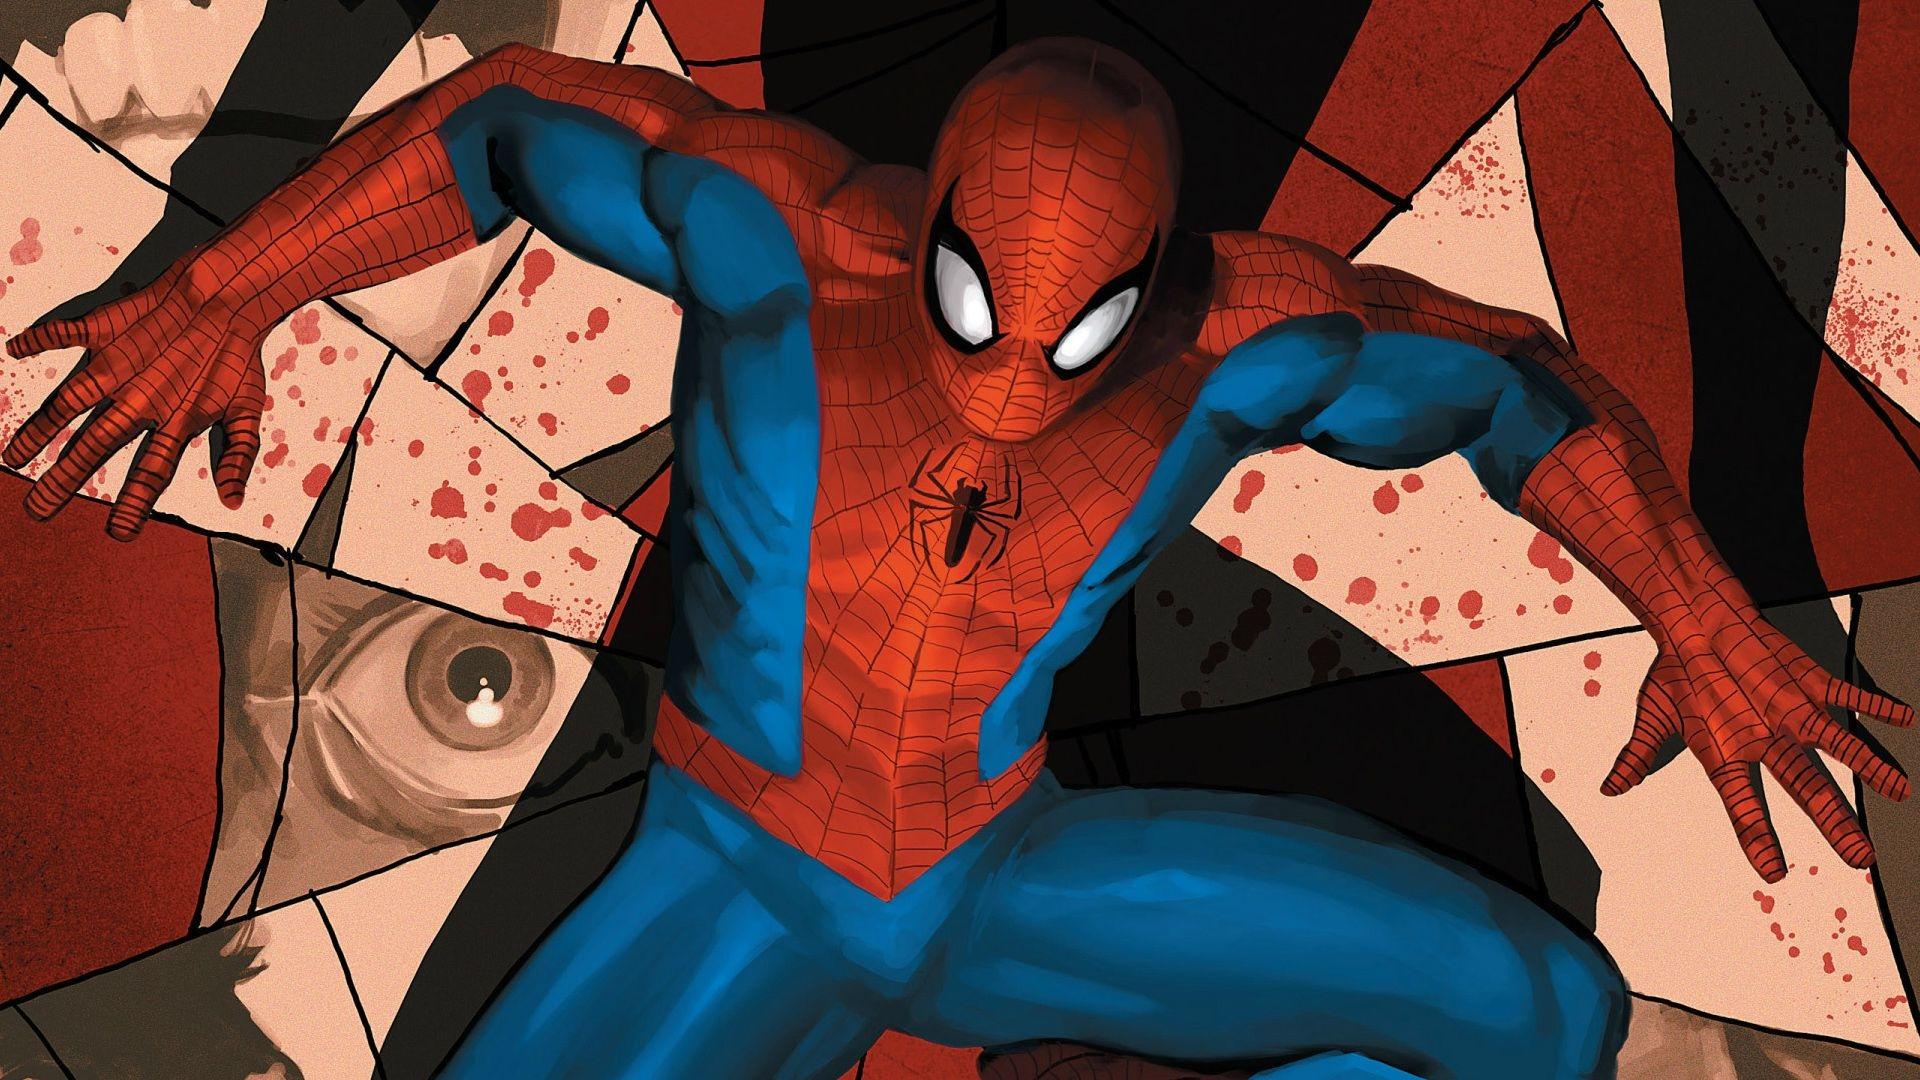 Super Hd Wallpapers Fondos De Pantalla De Spiderman Wallpapers